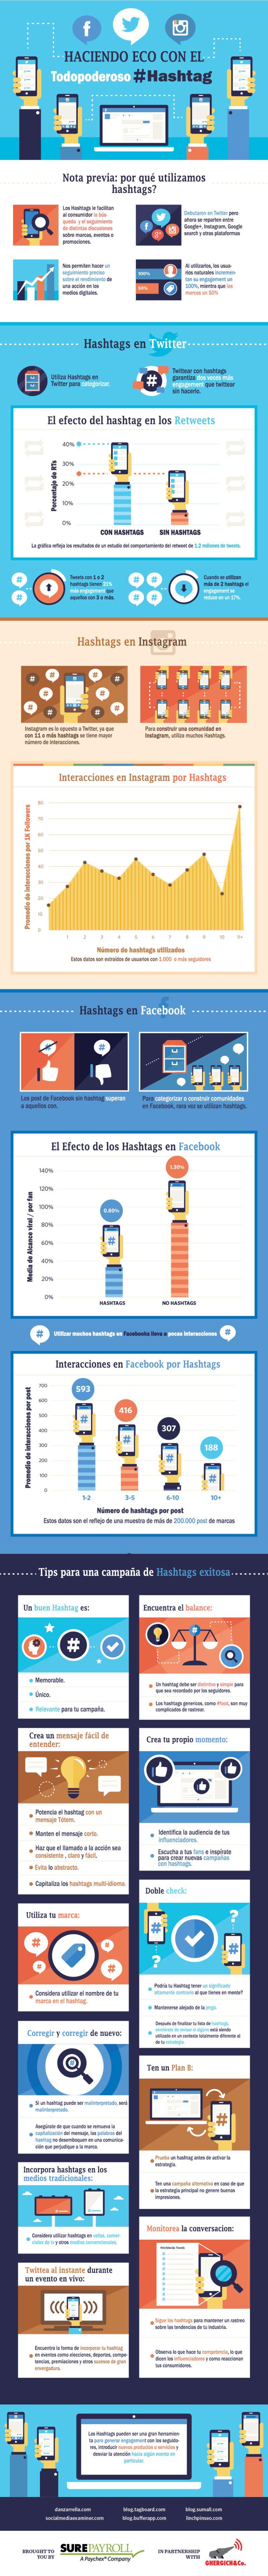 Guía para utilizar los hashtag en redes sociales infografía español